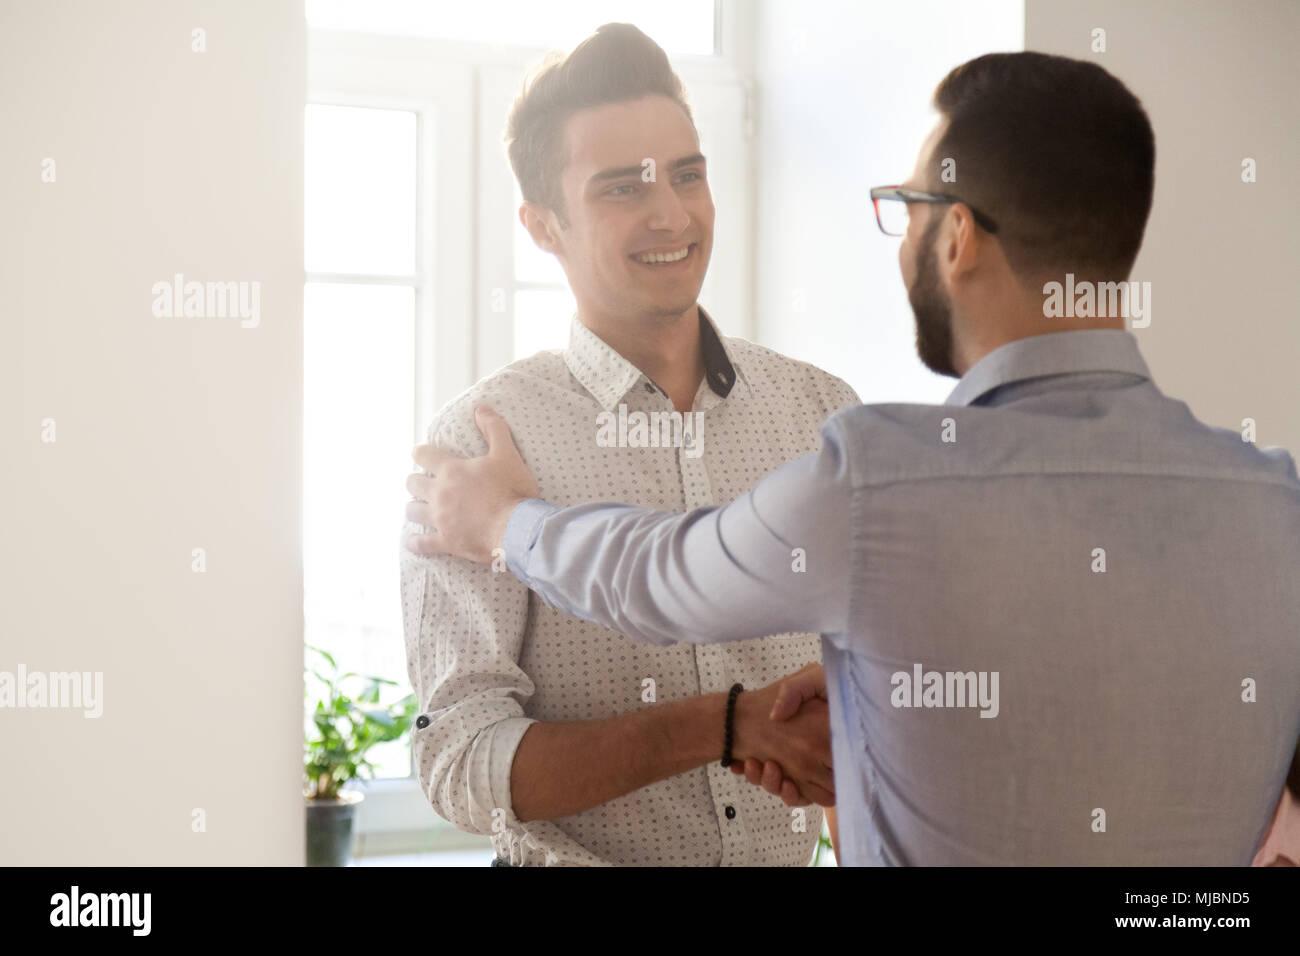 Grato boss dipendente di handshaking congratularmi con job promo Immagini Stock